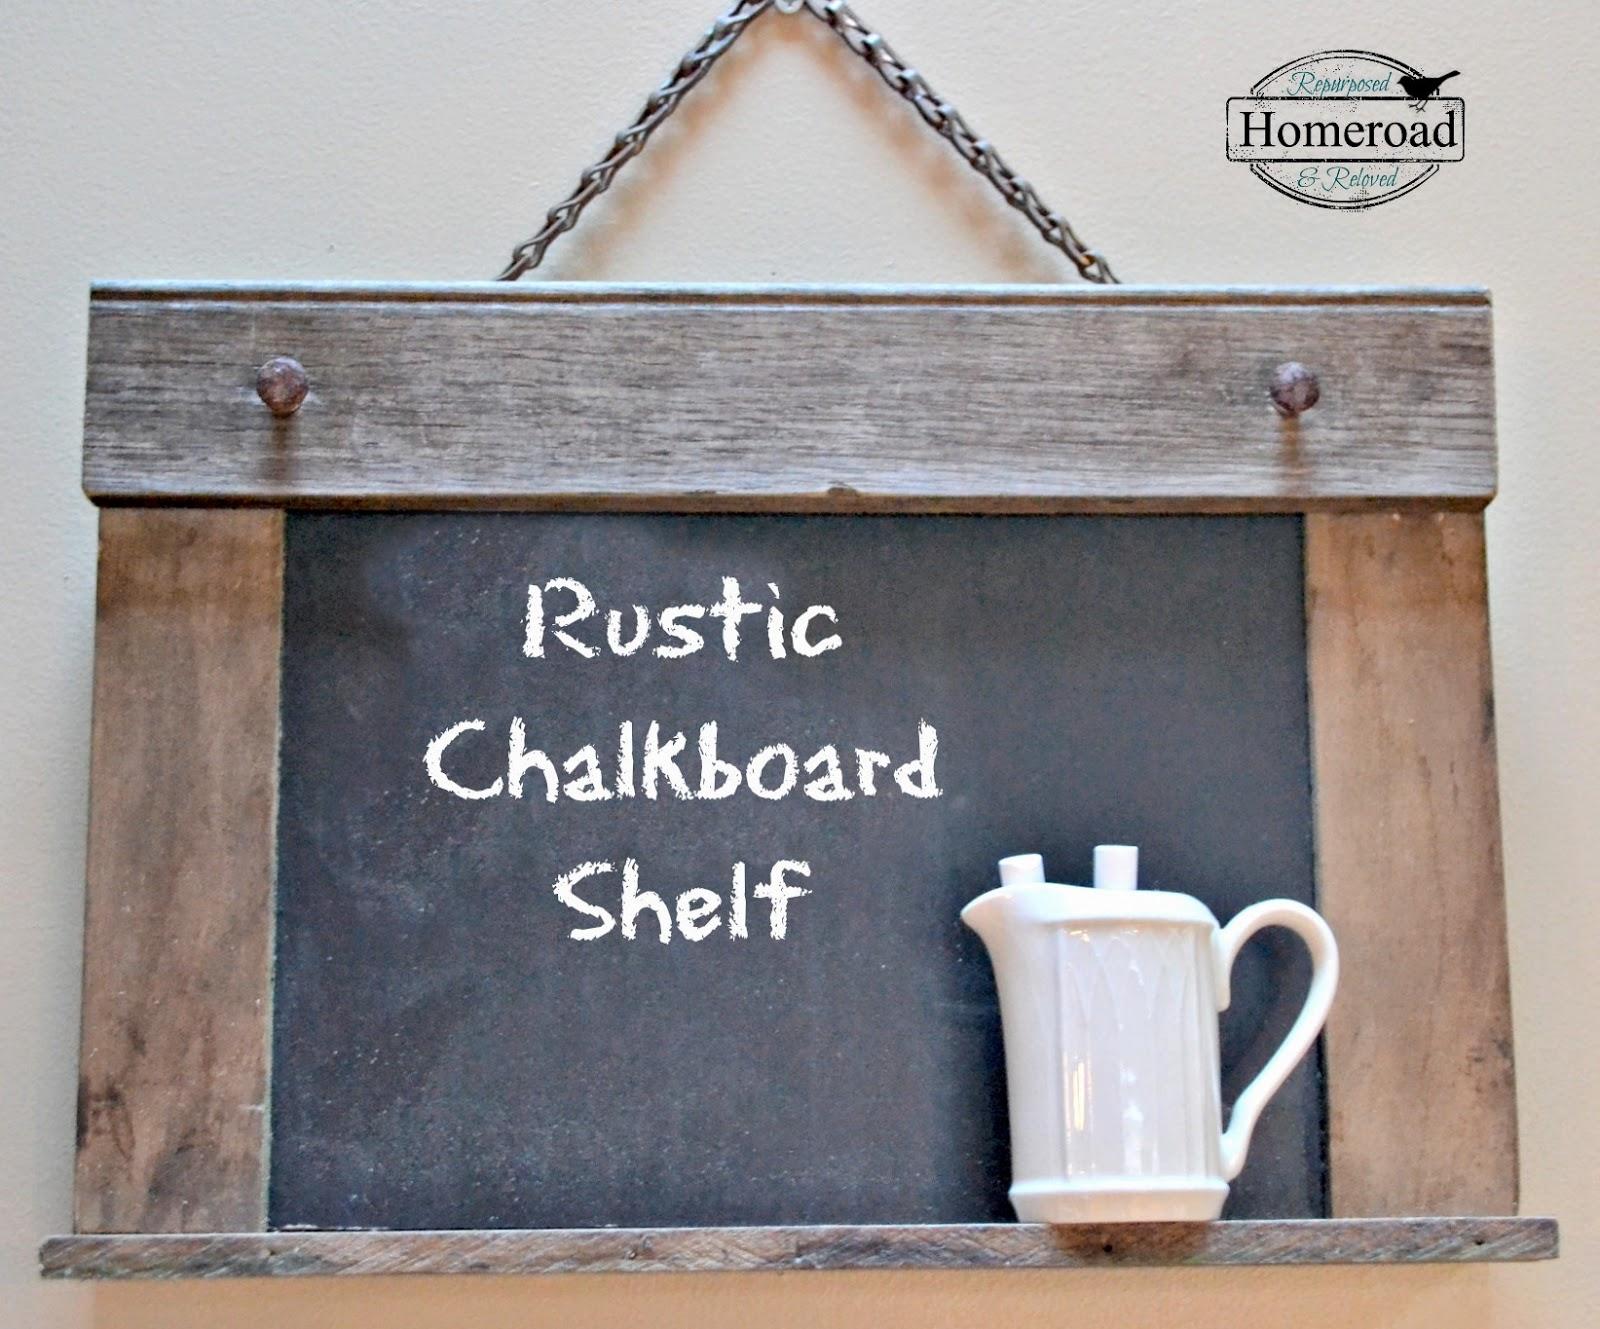 Rustic Chalkboard Shelf www.homeroad.net